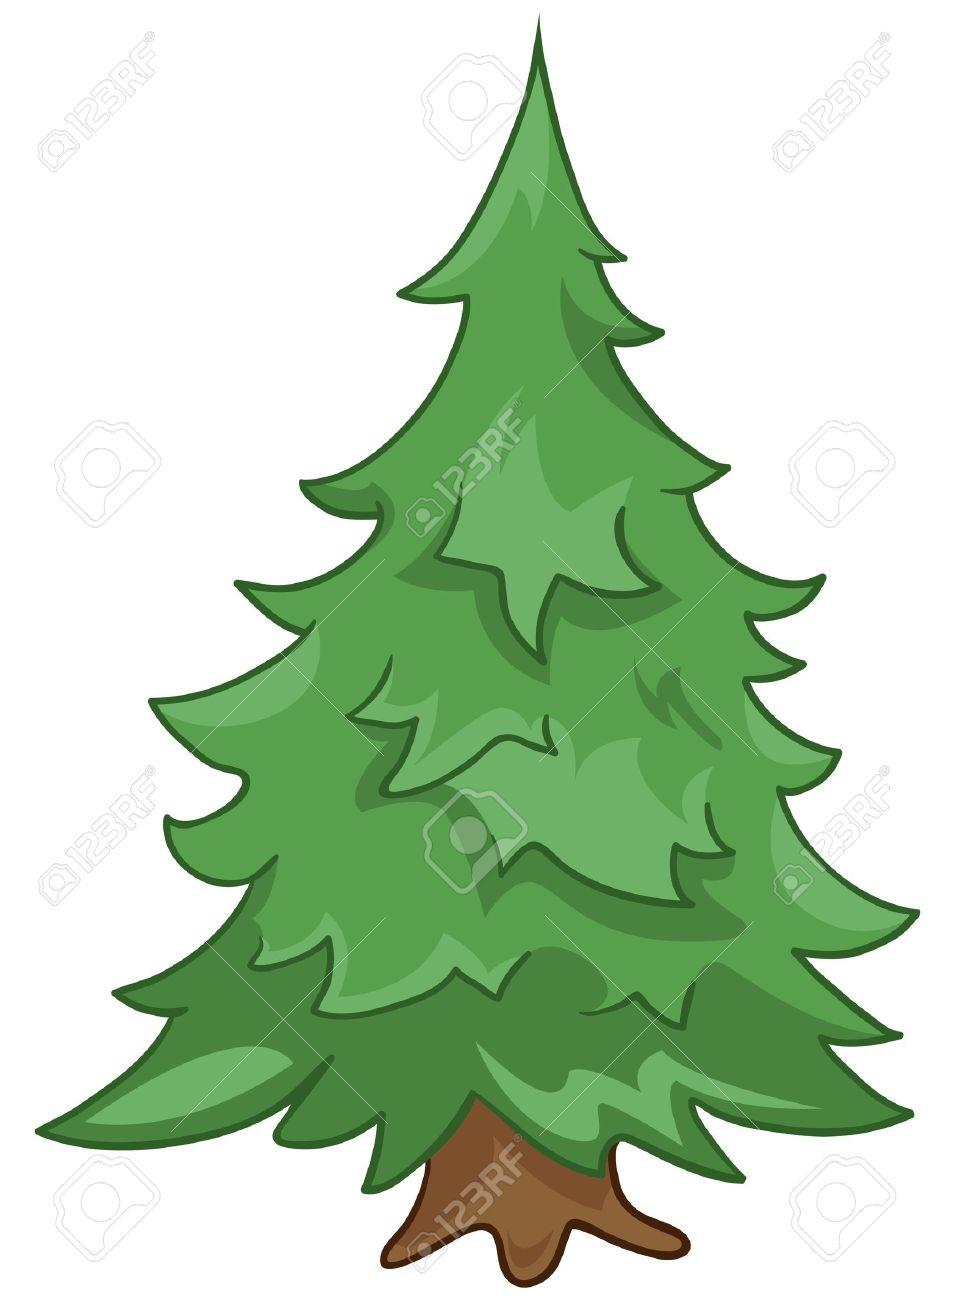 Cartoon Nature Tree Fir - 12372305